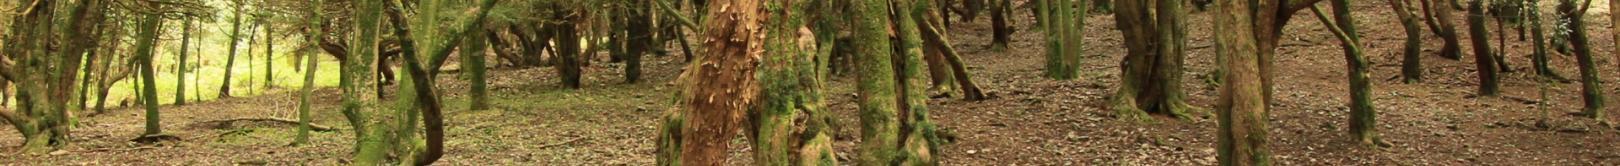 Foresta Burgos